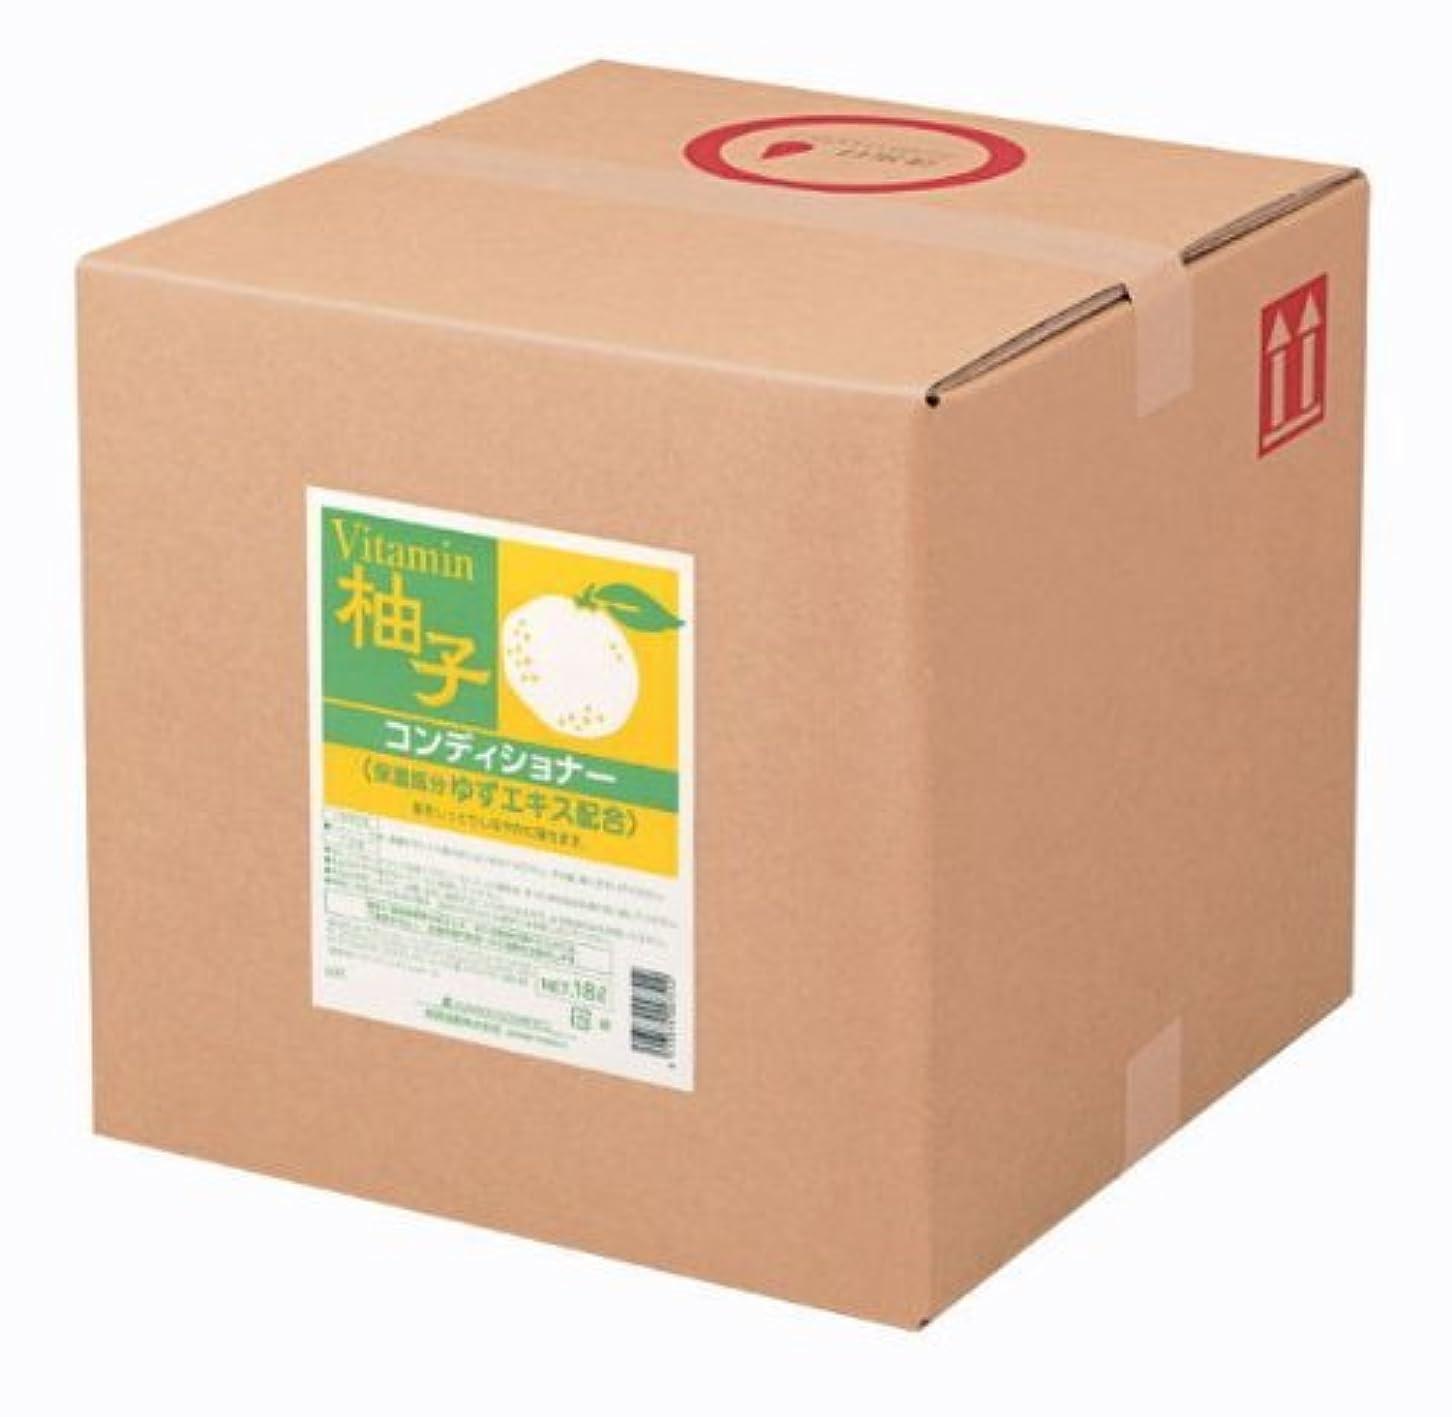 タイトル金額挑発する熊野油脂 業務用 柚子 コンディショナー 18L